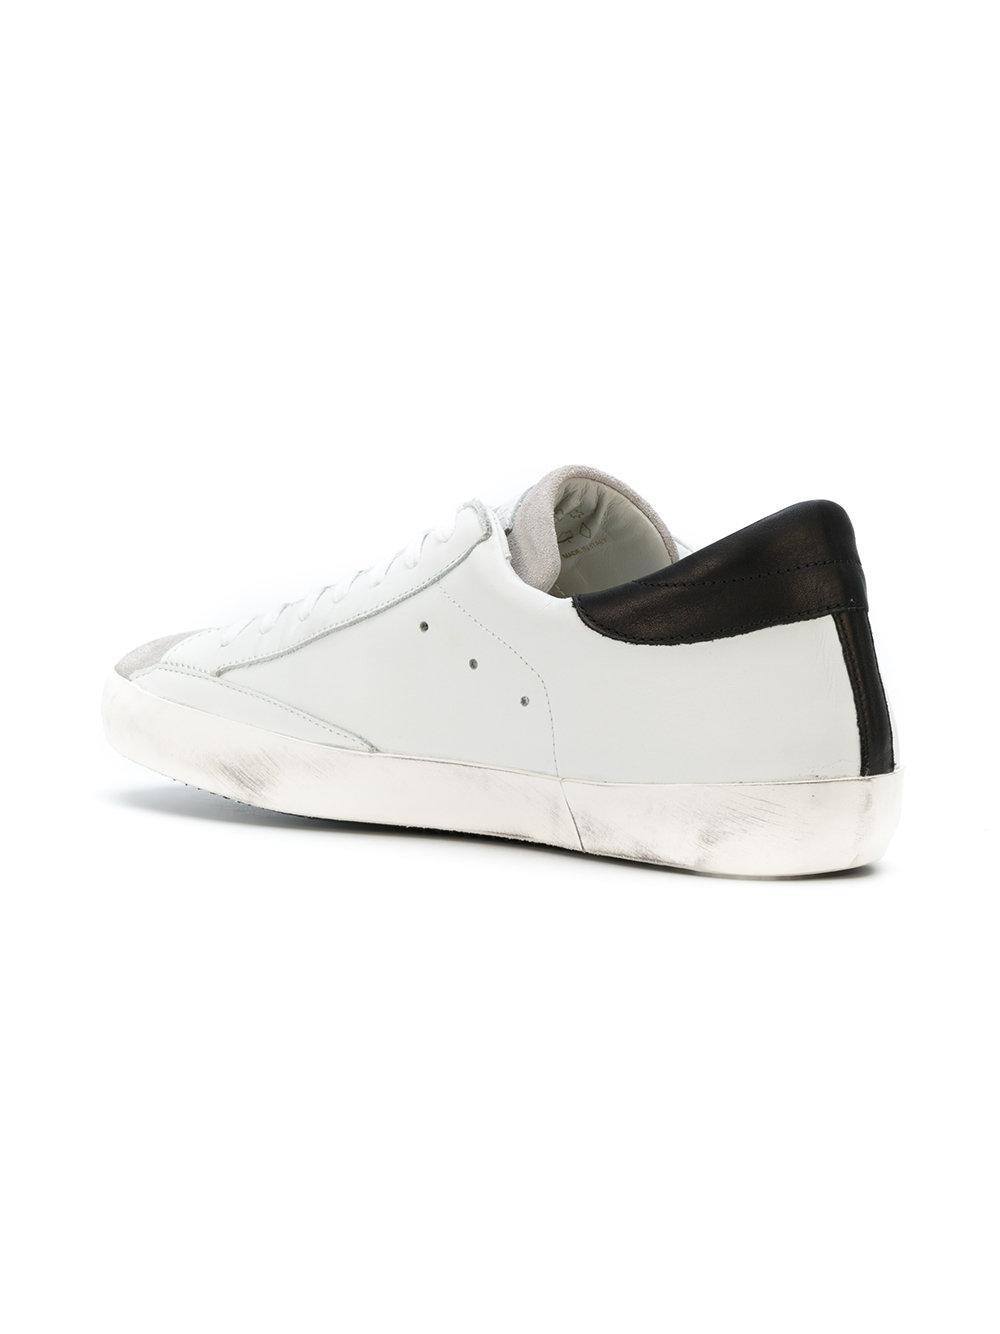 Baskets à patch logo latéral Cuir Philippe Model pour homme en coloris Blanc LcQw